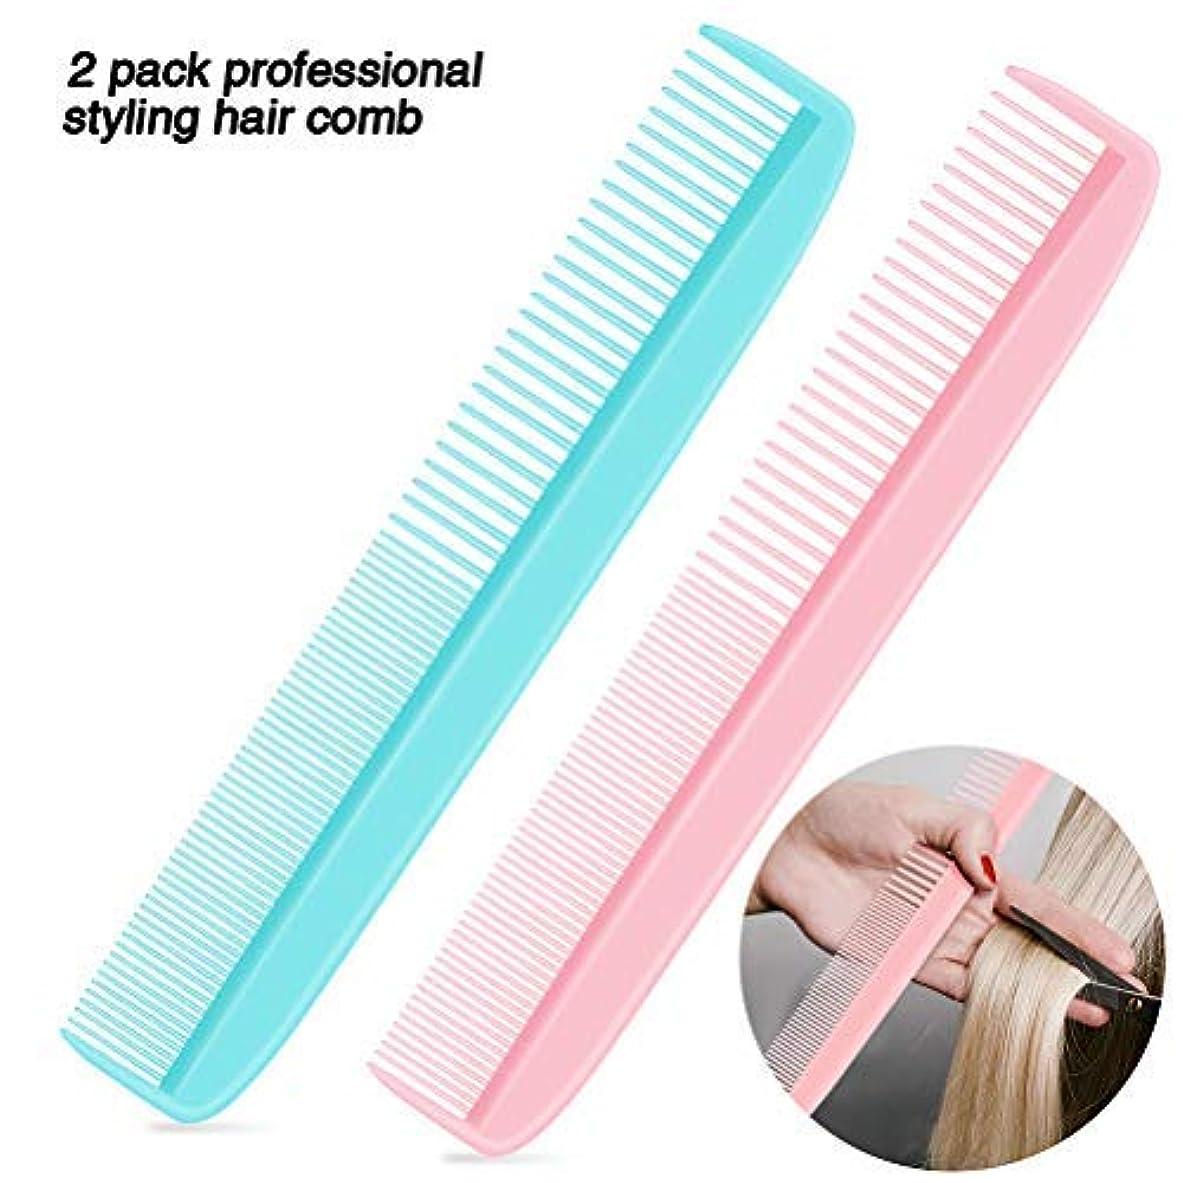 北極圏大宇宙韻2 Pack Anti-static Professional Styling Comb Hairdresser Barber Comb - 7 Inch Coarse/Fine Tooth Rake Comb [並行輸入品]